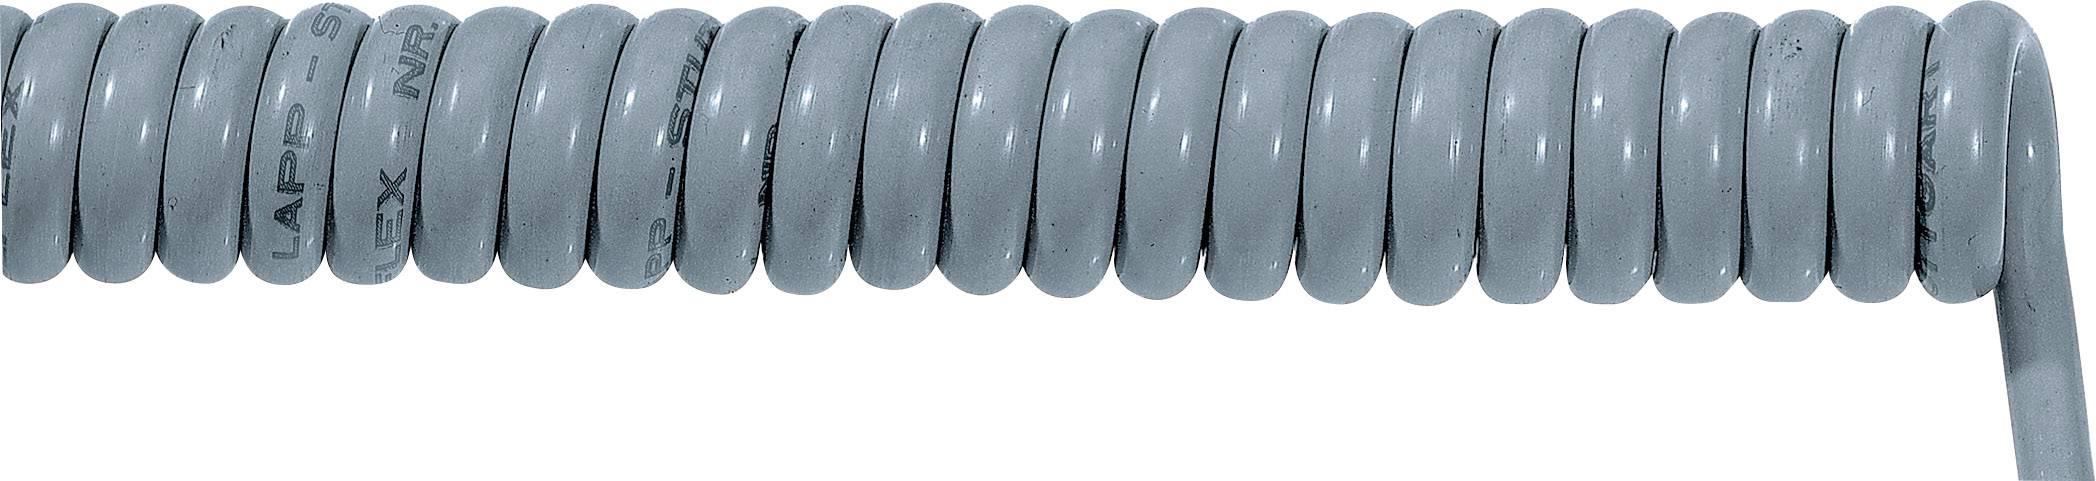 Špirálový kábel 70002622 ÖLFLEX® SPIRAL 400 P 2 x 0.75 mm², 500 mm / 1500 mm, sivá